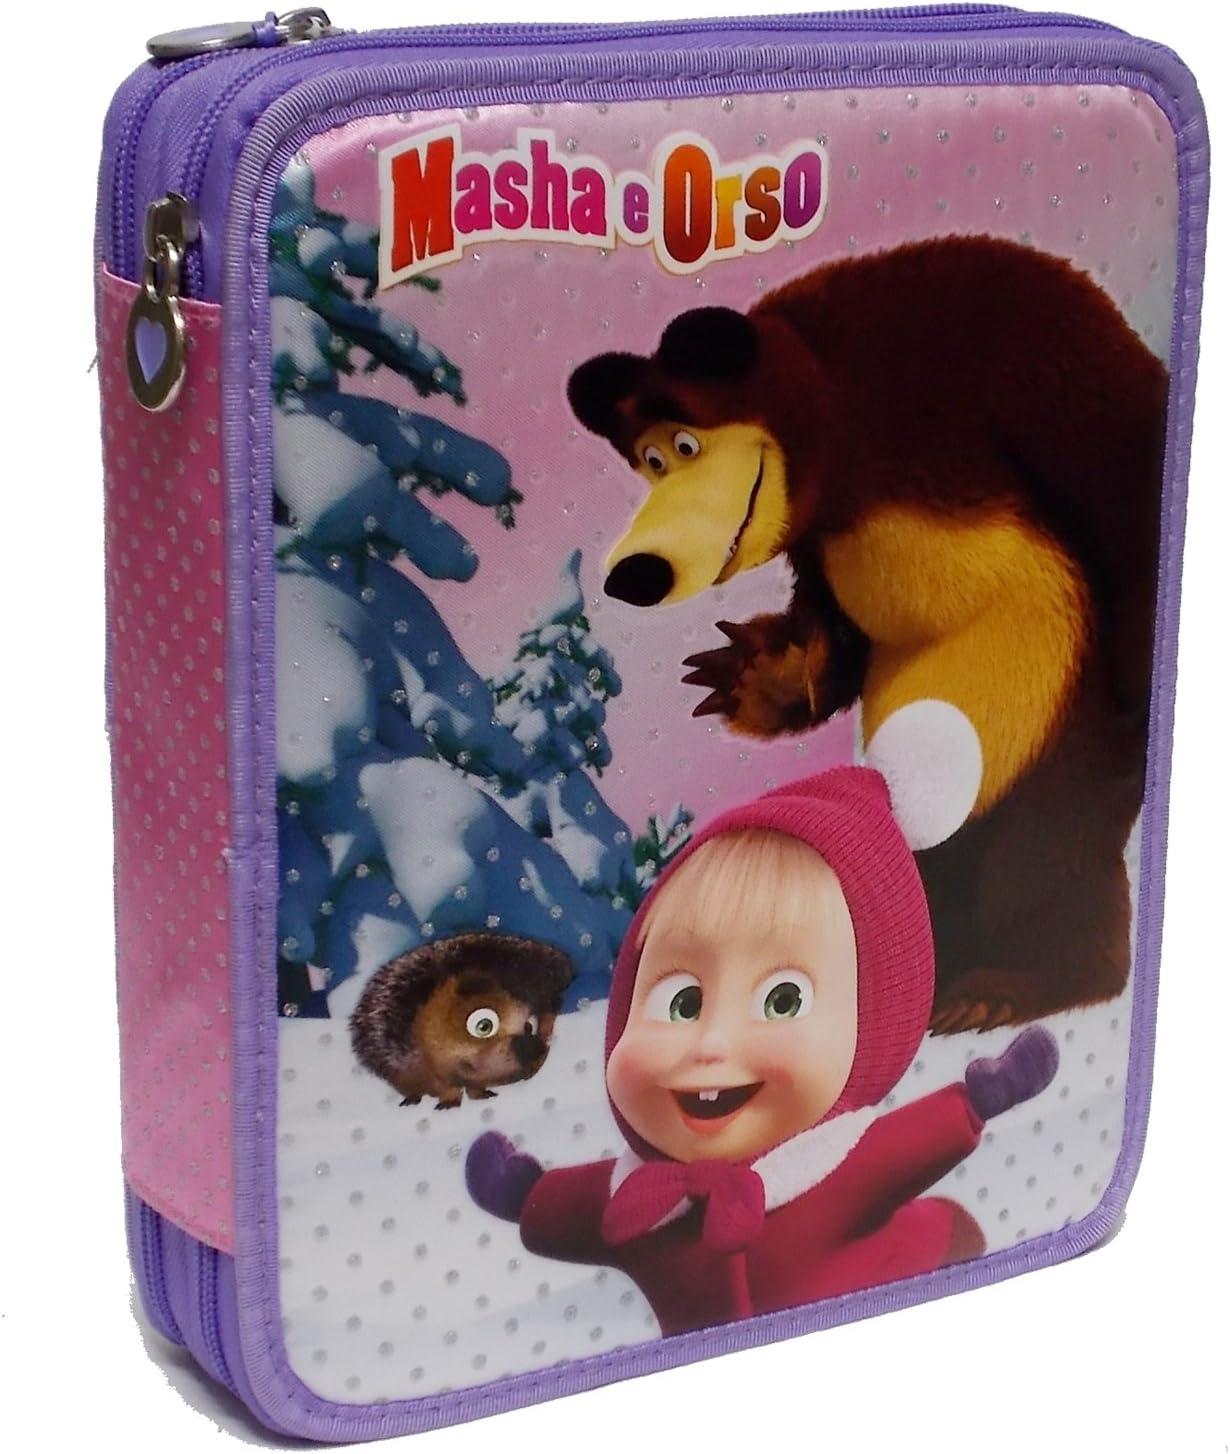 Maxi estuche Masha y Oso 2 cremalleras: Amazon.es: Oficina y papelería